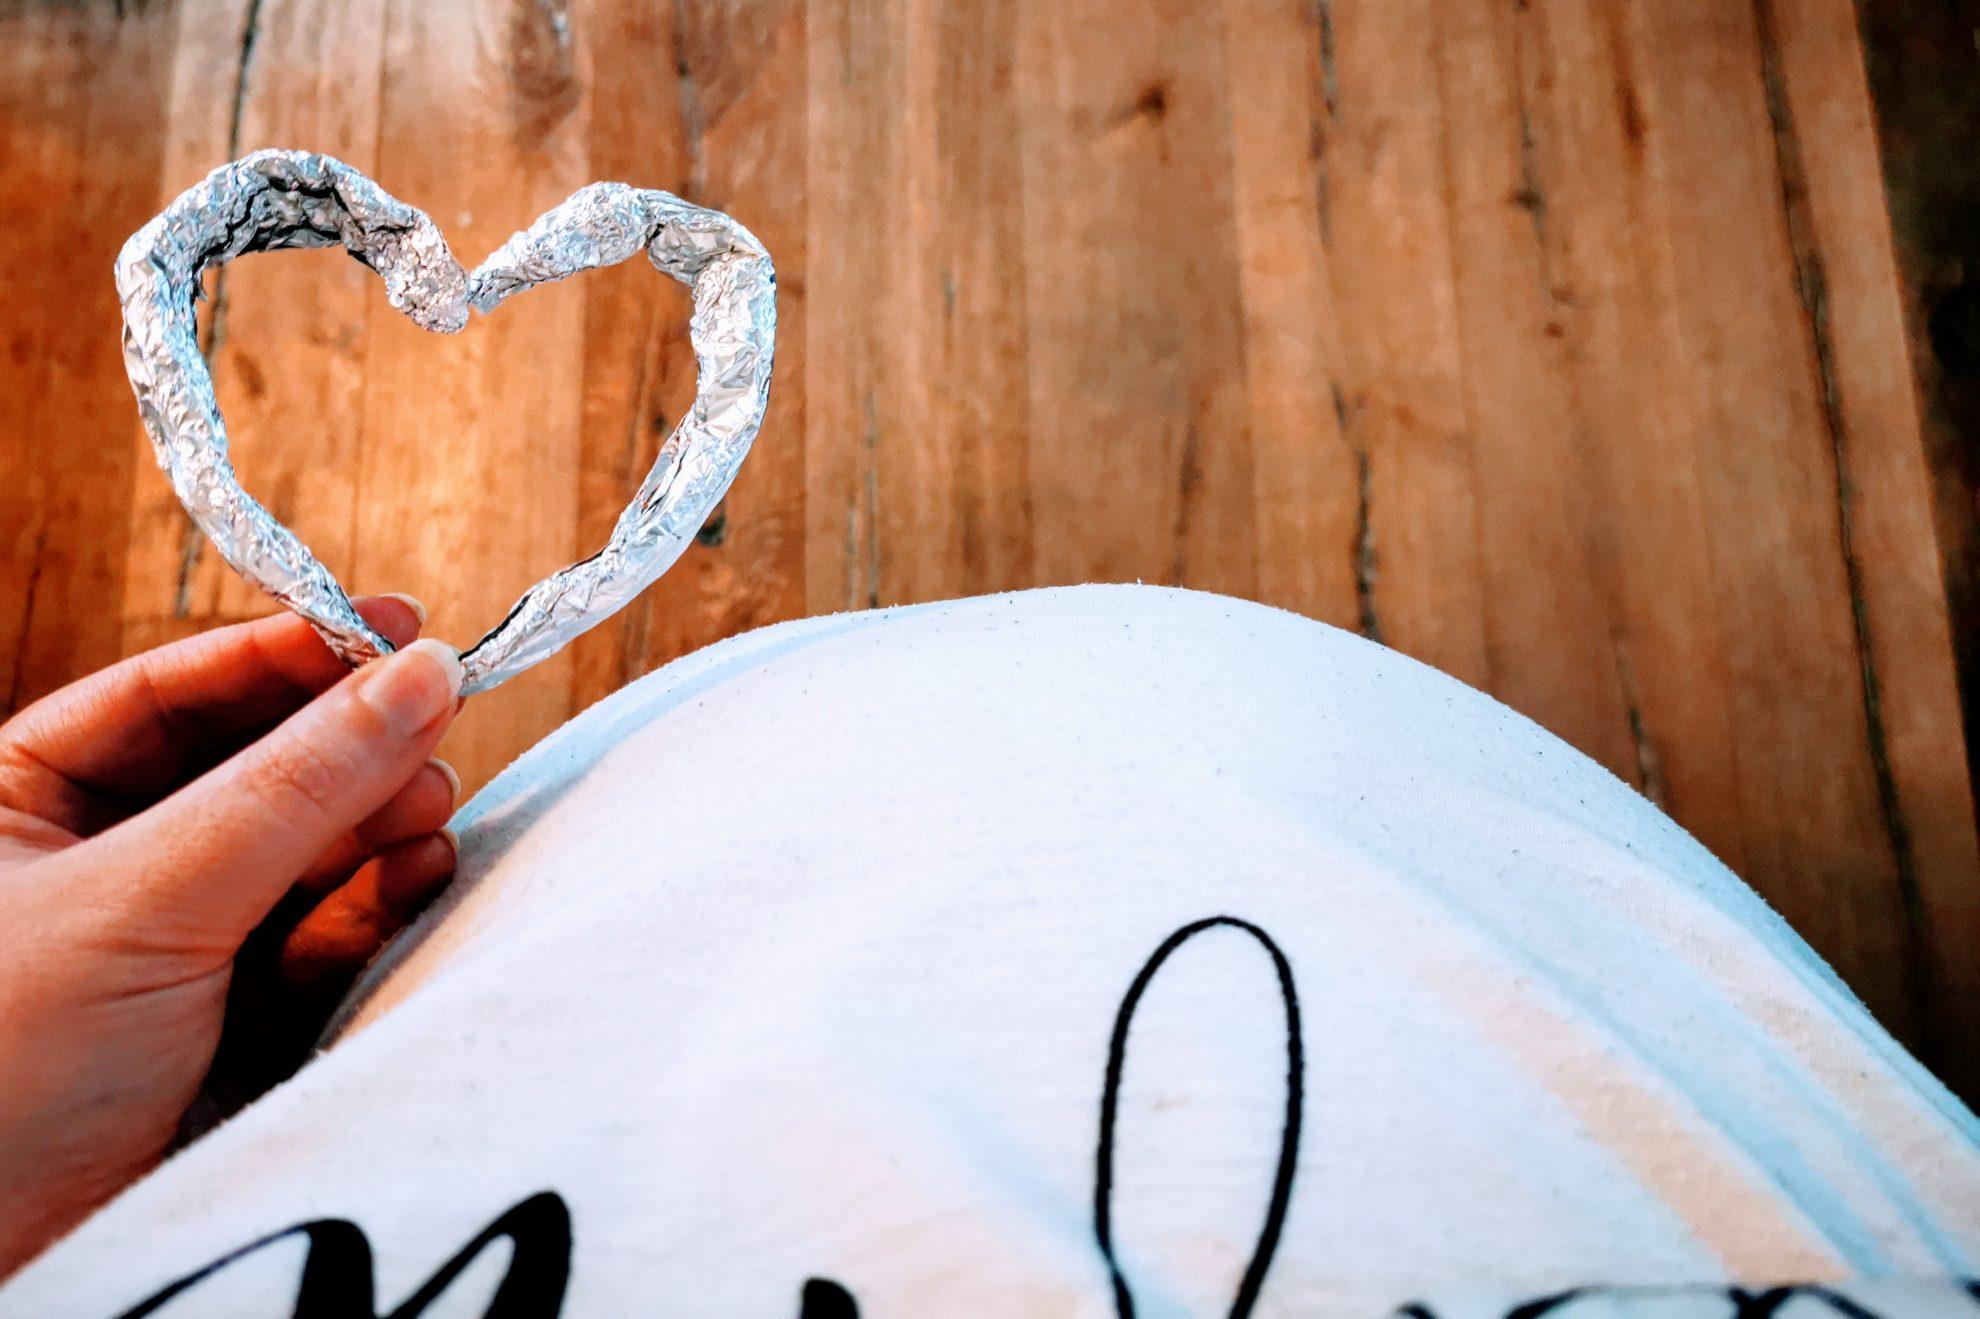 16 Wochen schwanger - die 17. Schwangerschaftswoche mit dem 6. Kind. Über Gelüste, Entwicklung des Fötus und Shopping für das Baby.